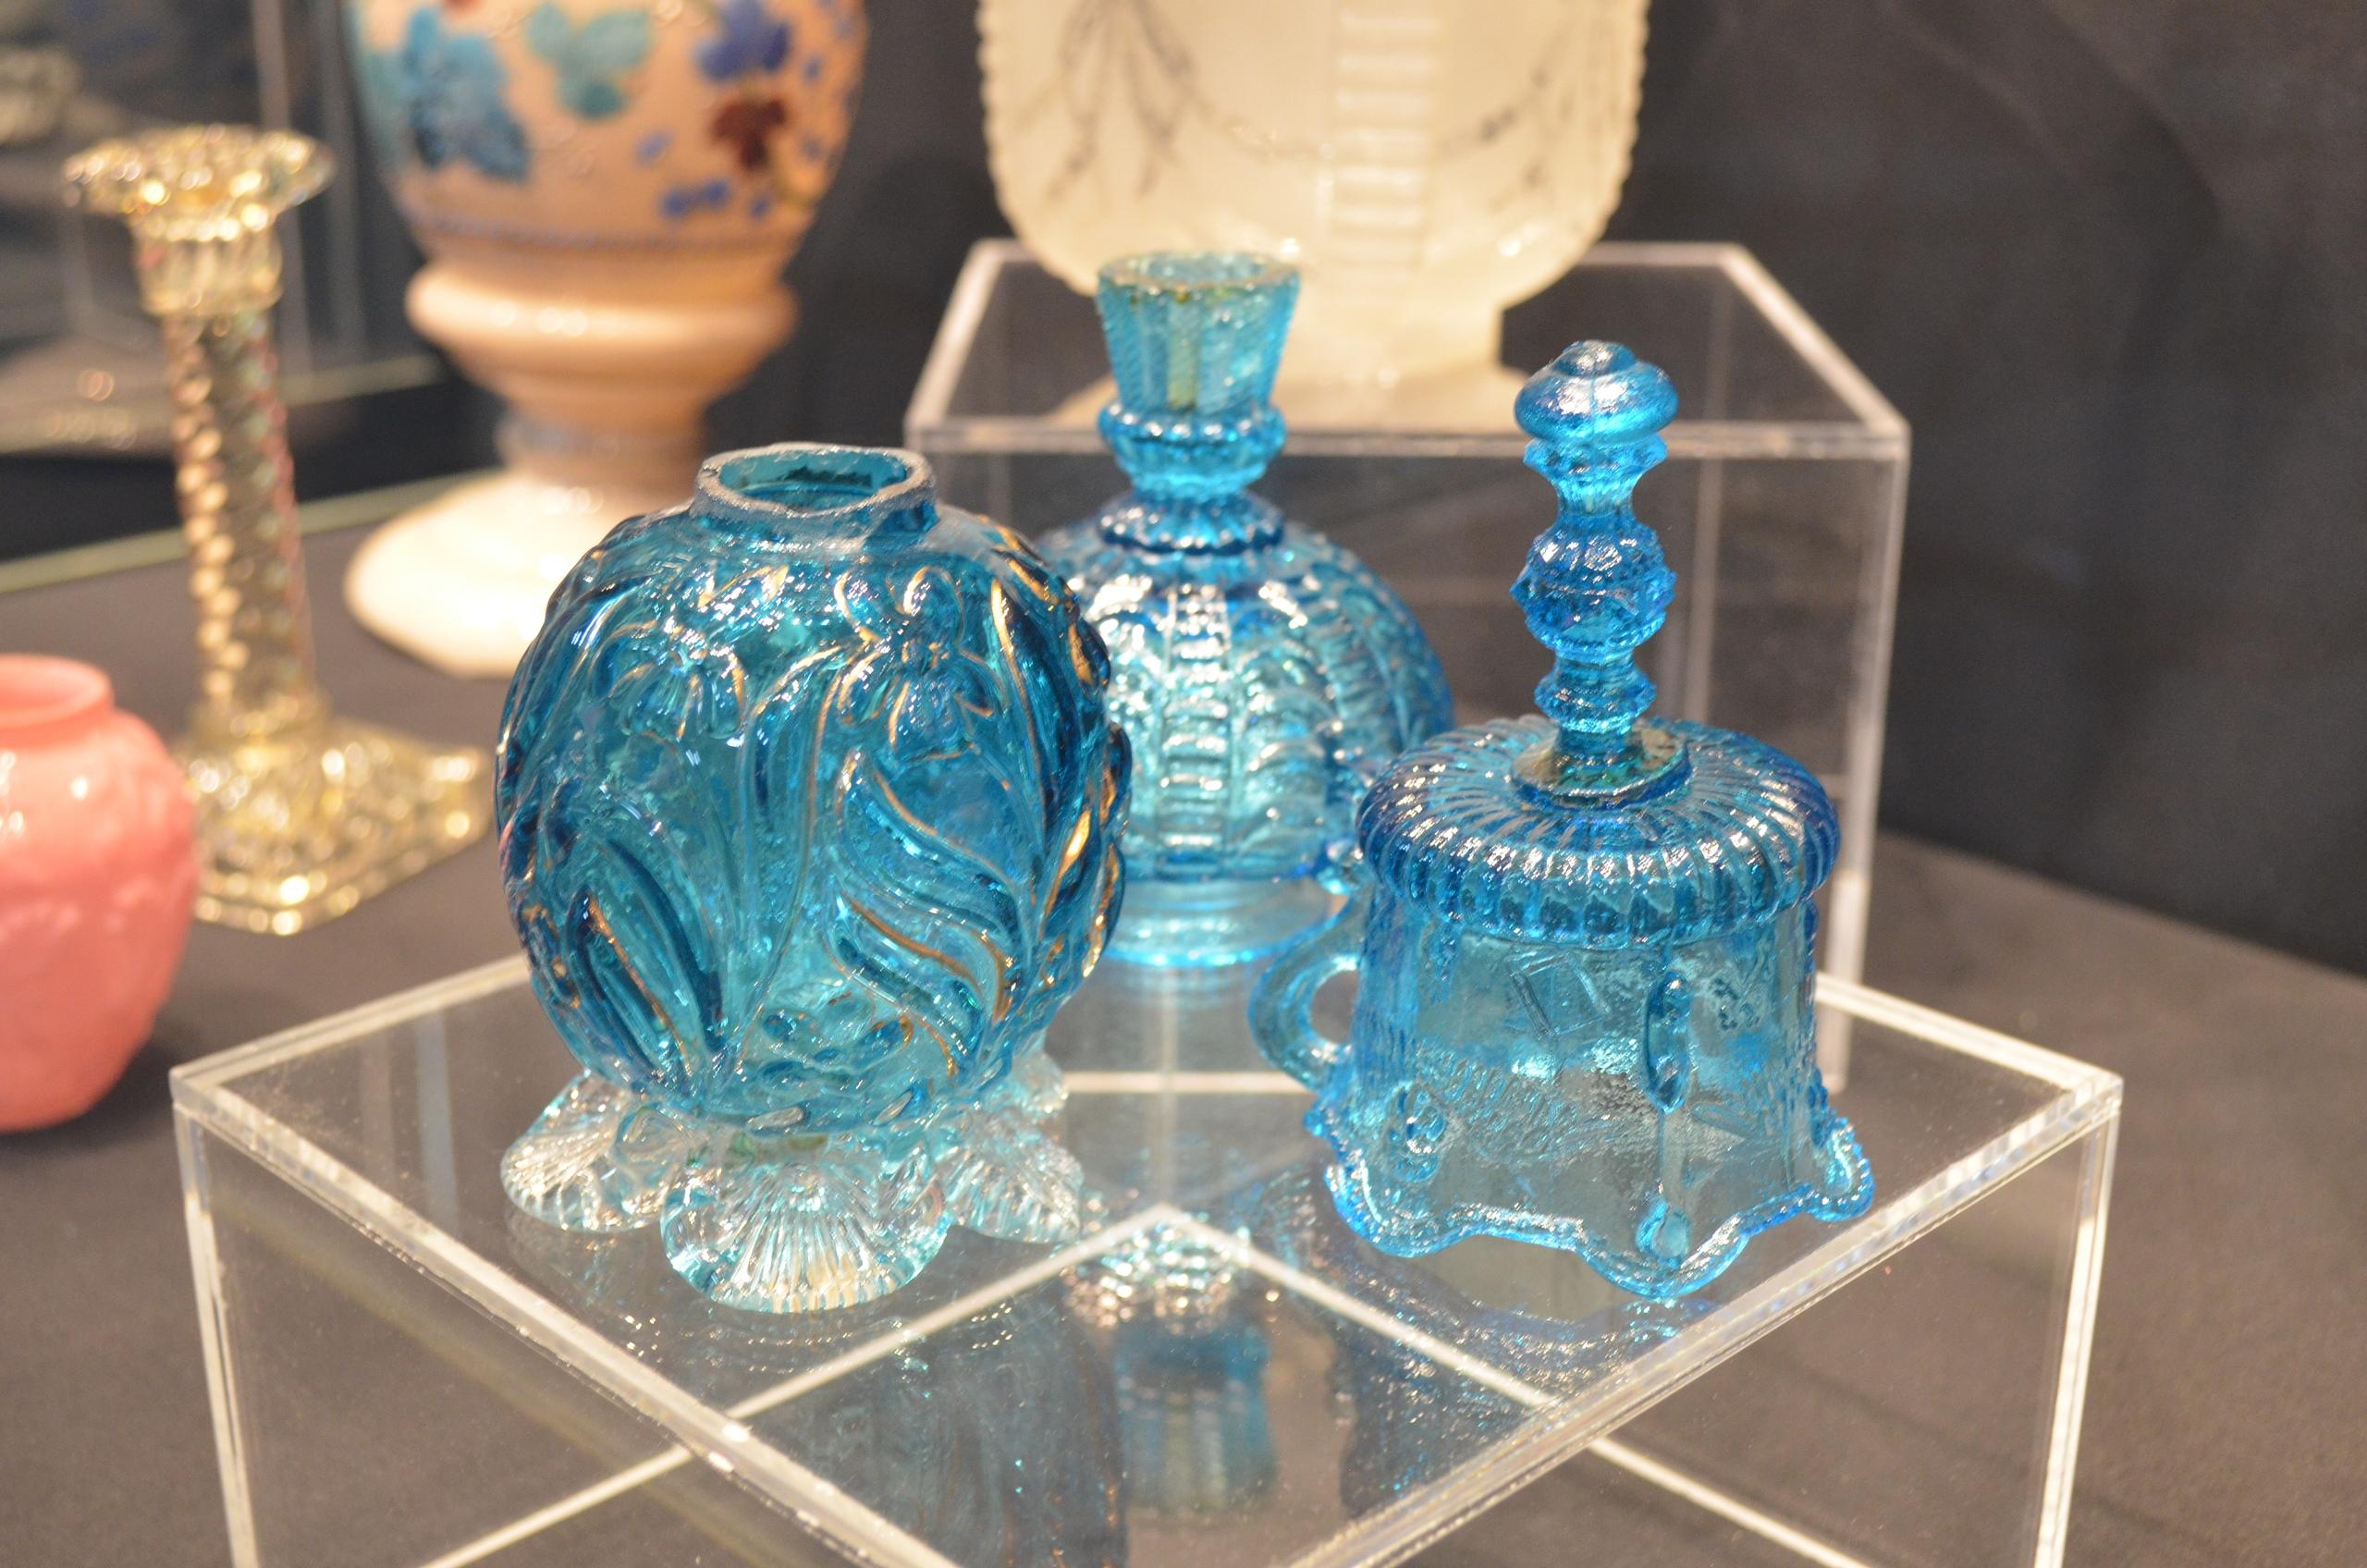 В Тверской области покажут хранилище уникальной коллекции художественного и бытового стекла